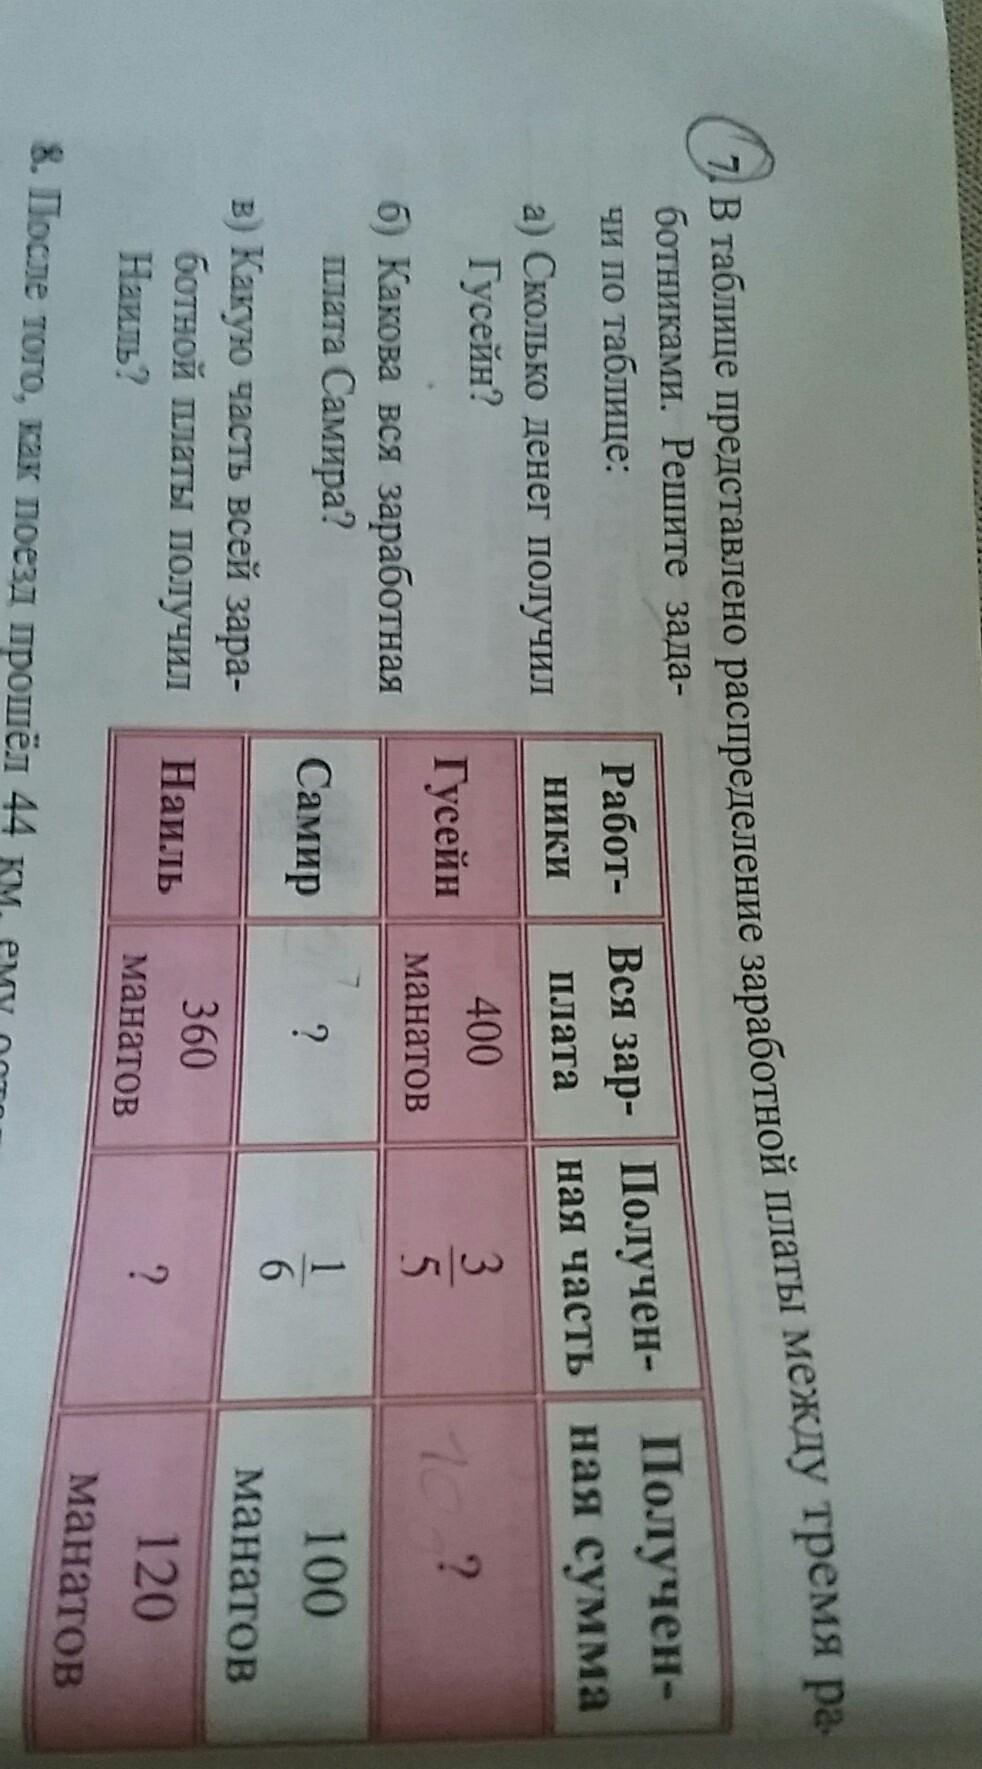 В таблице представлено распределение заработной платы между тремя работниками Решите задачу по таблице